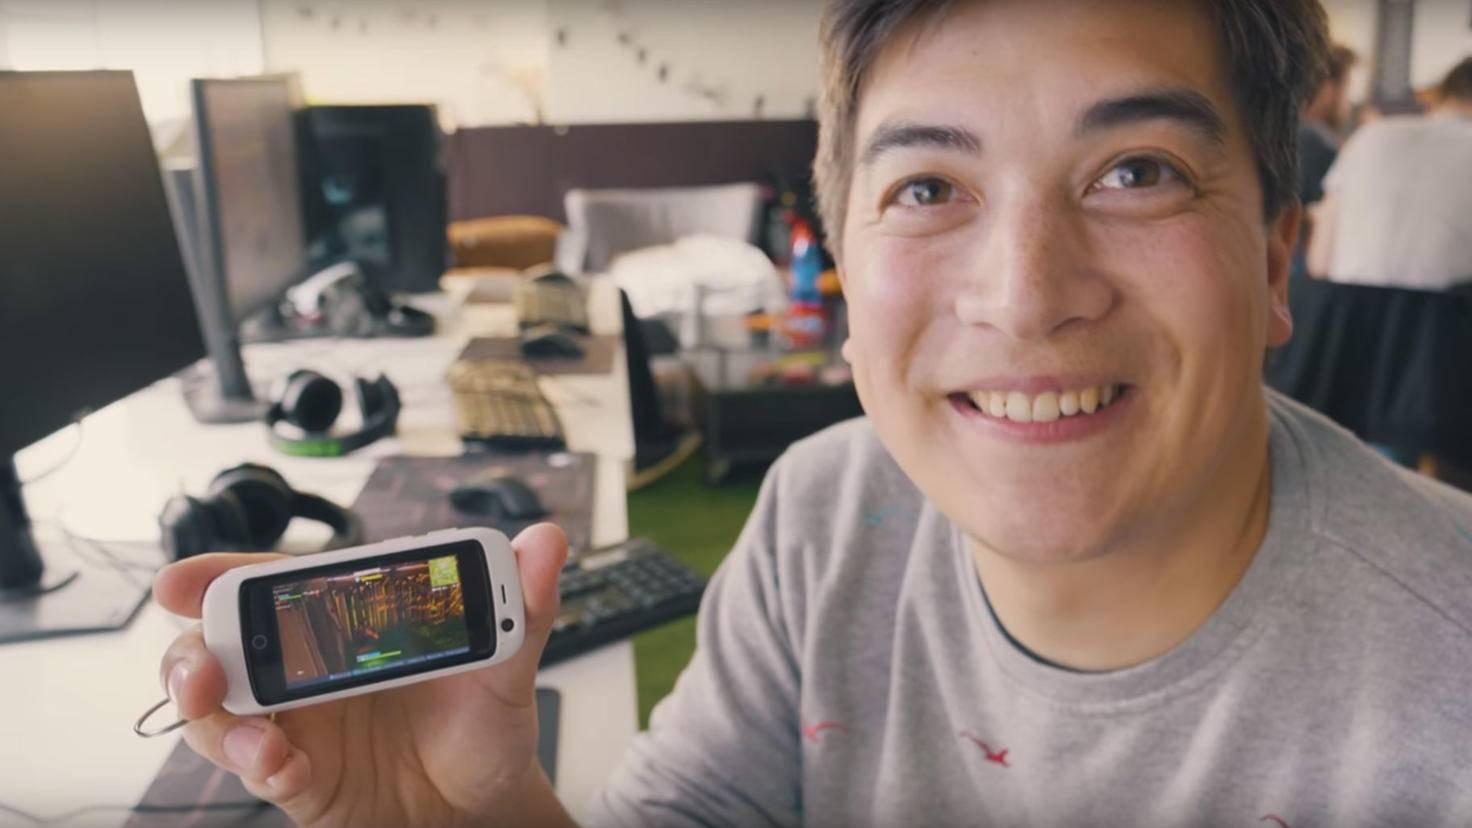 """Kurios: Hier läuft """"Fortnite"""" auf einem kleinen Android-Smartphone."""